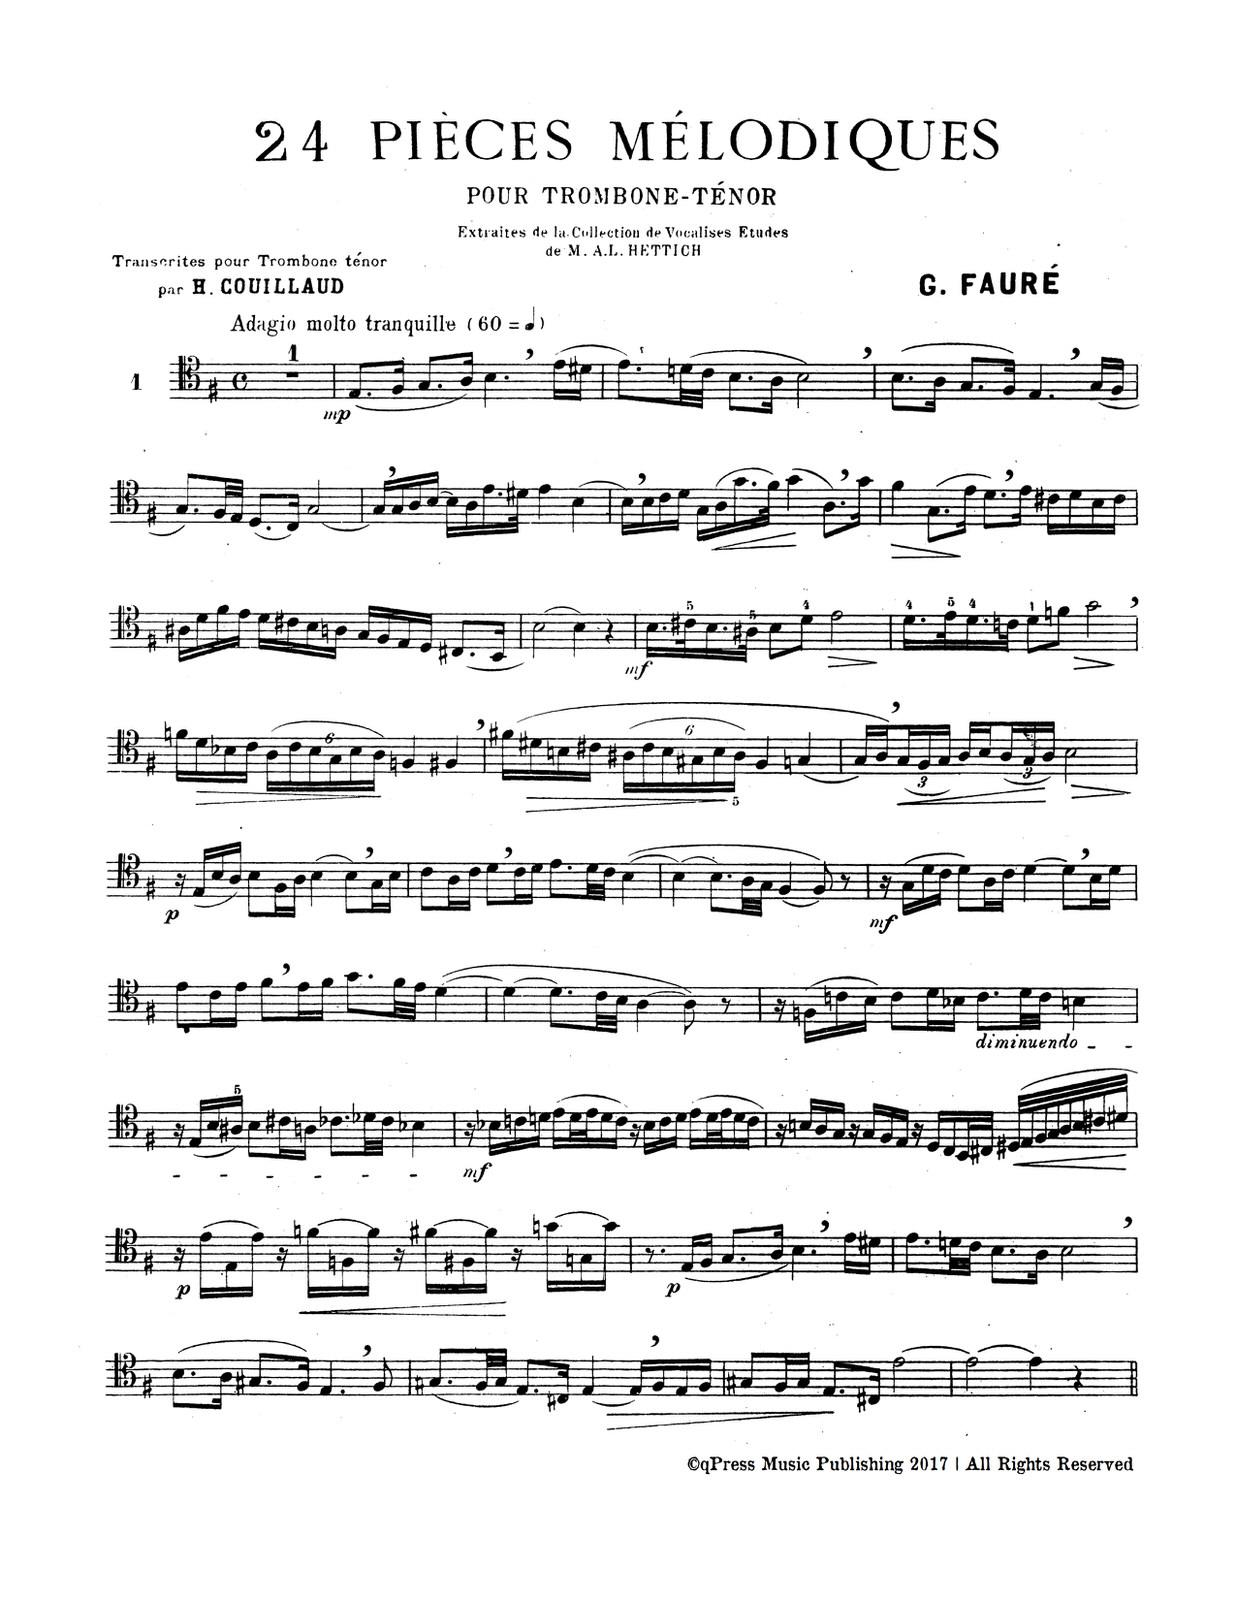 Coullaud, Pieces Melodiques Part 1-p02